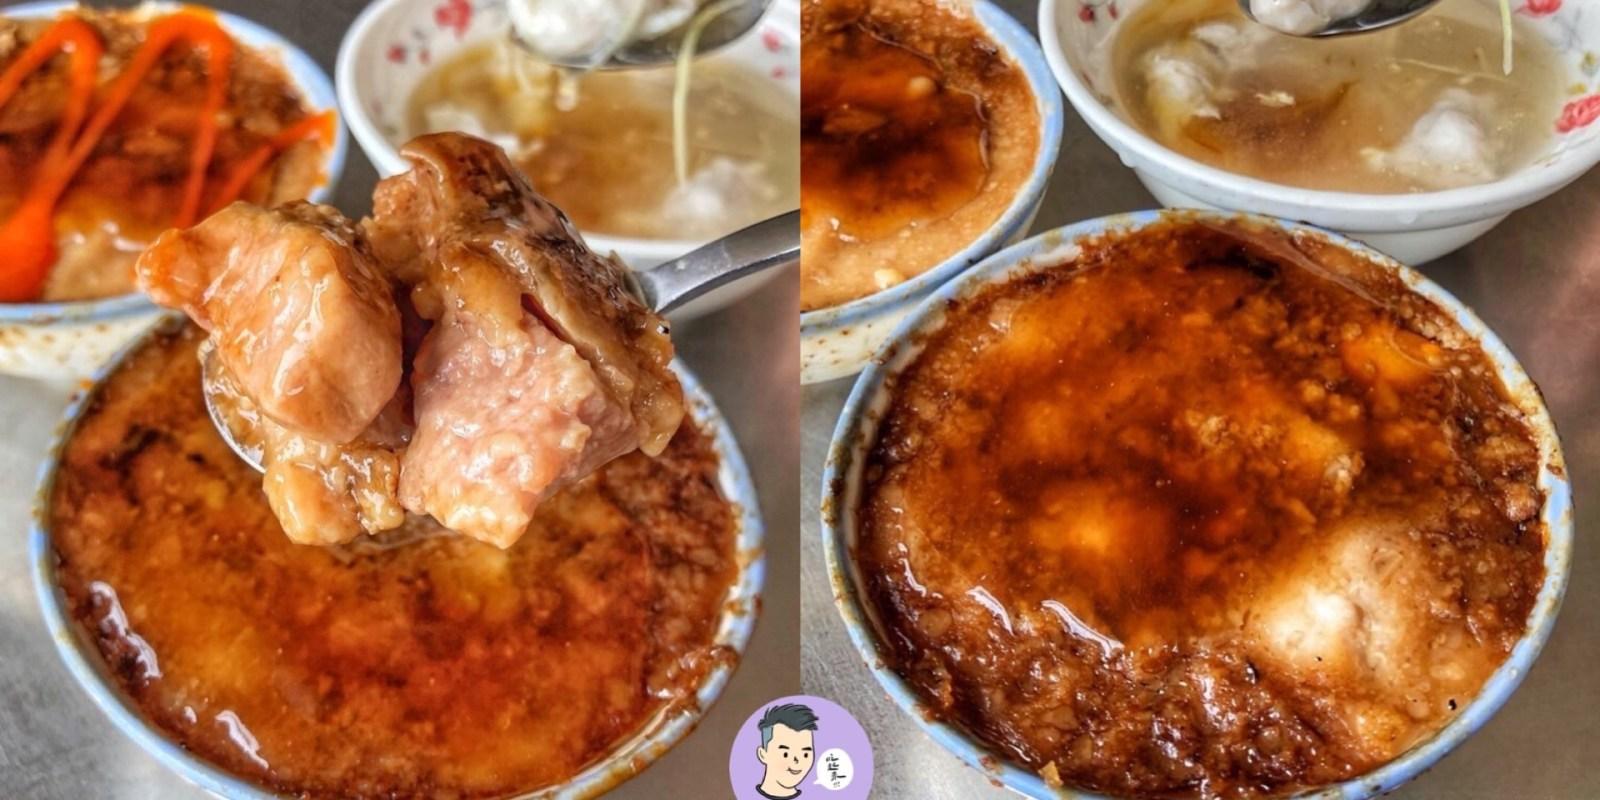 【台南美食】檨仔林阿全碗粿 百年碗粿名店!碗粿/魚羹均一價30元銅板價